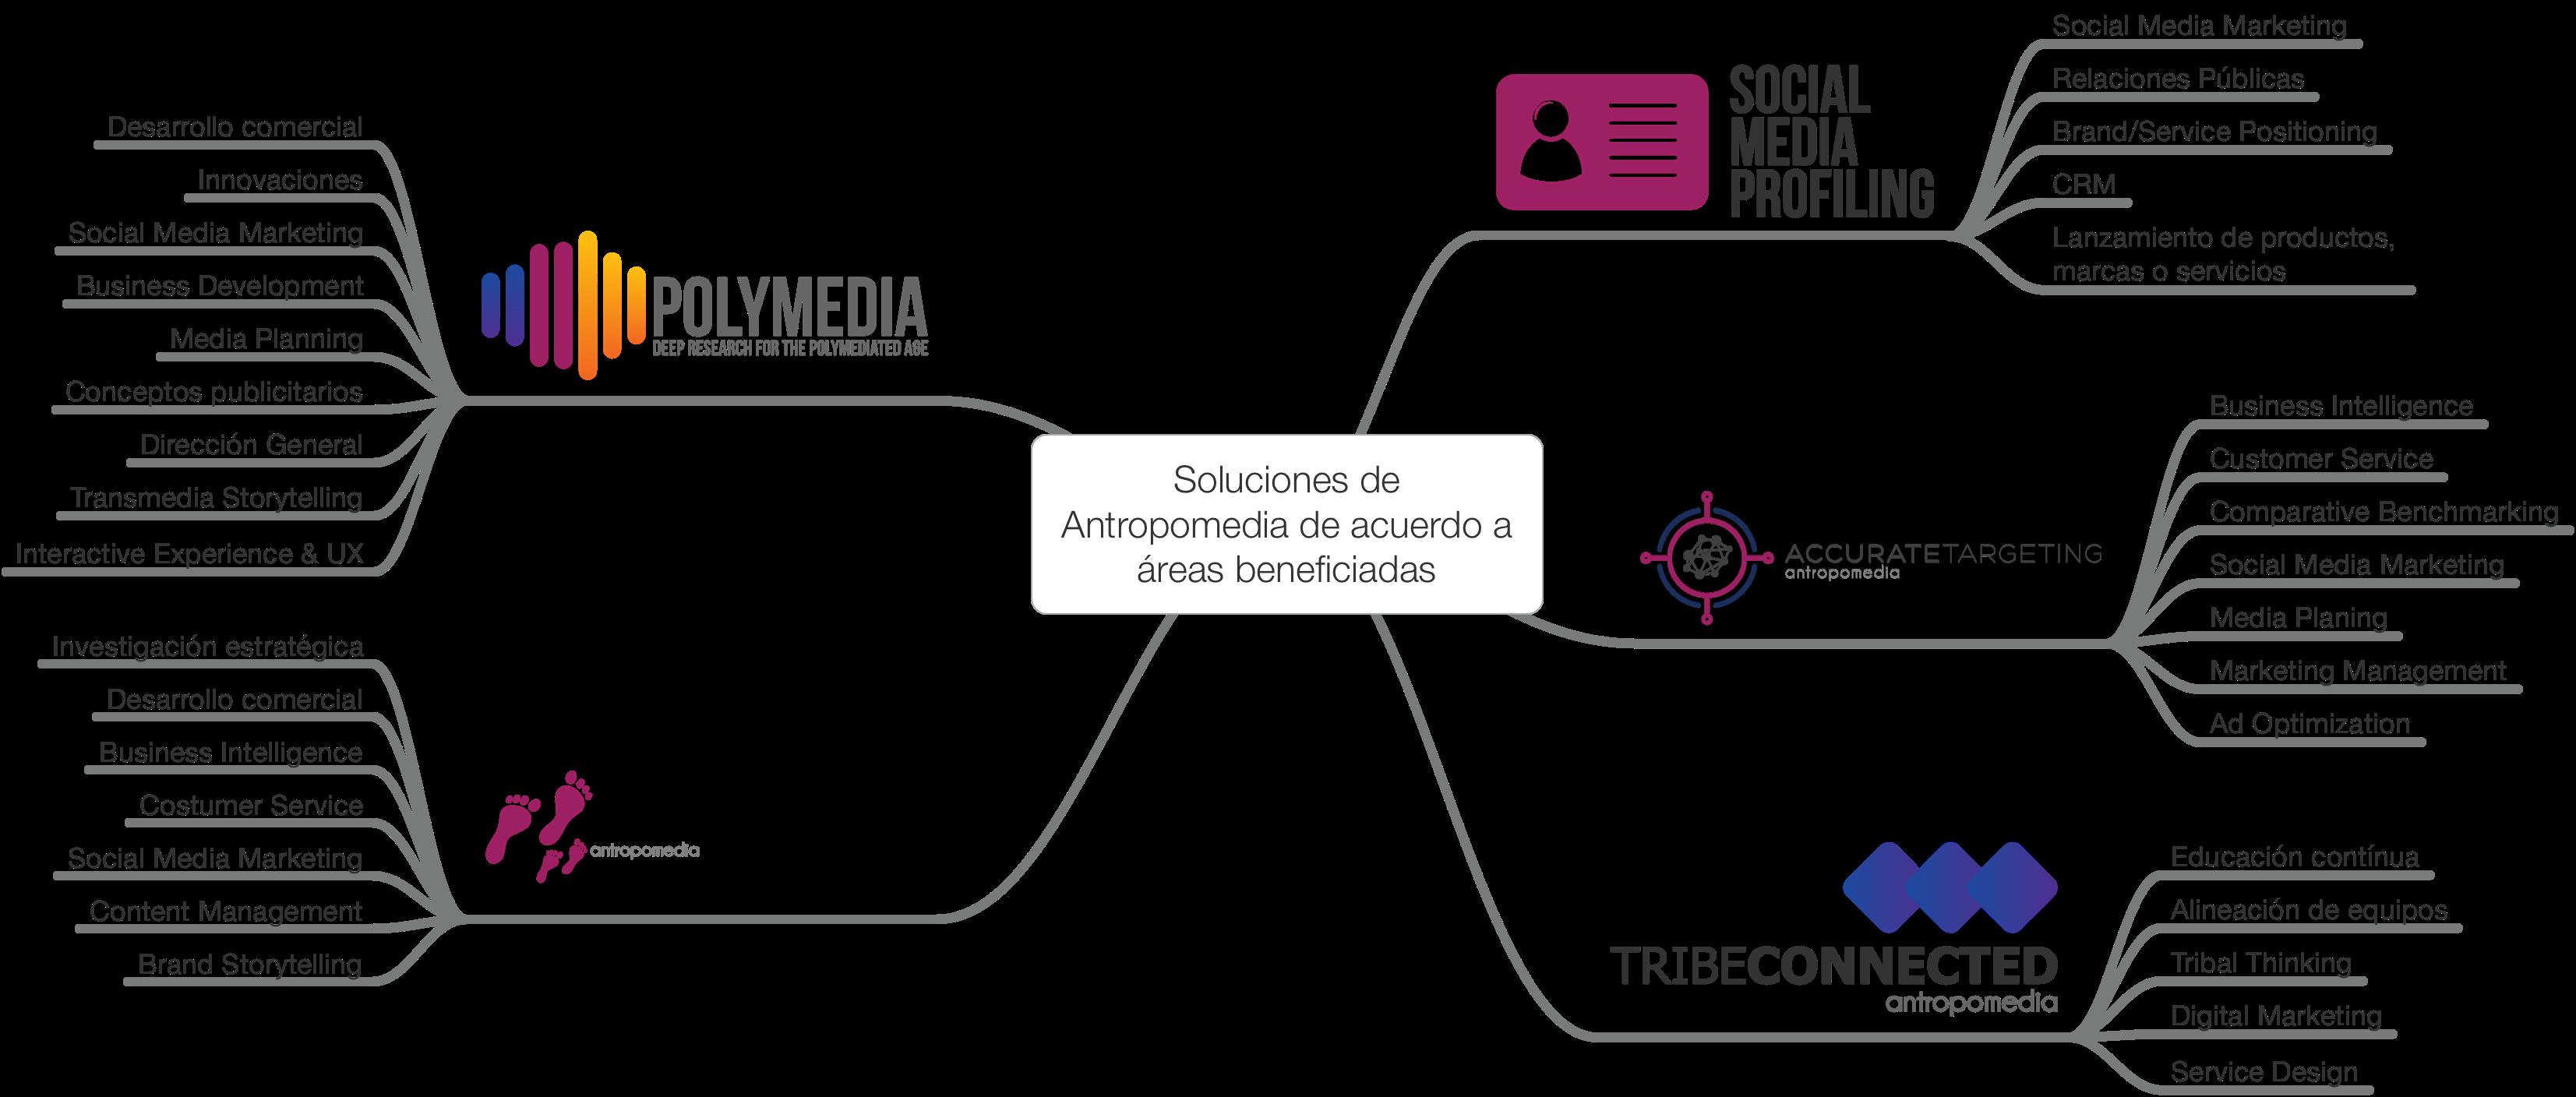 Soluciones de Antropomedia de acuerdo a las áreas beneficiadas